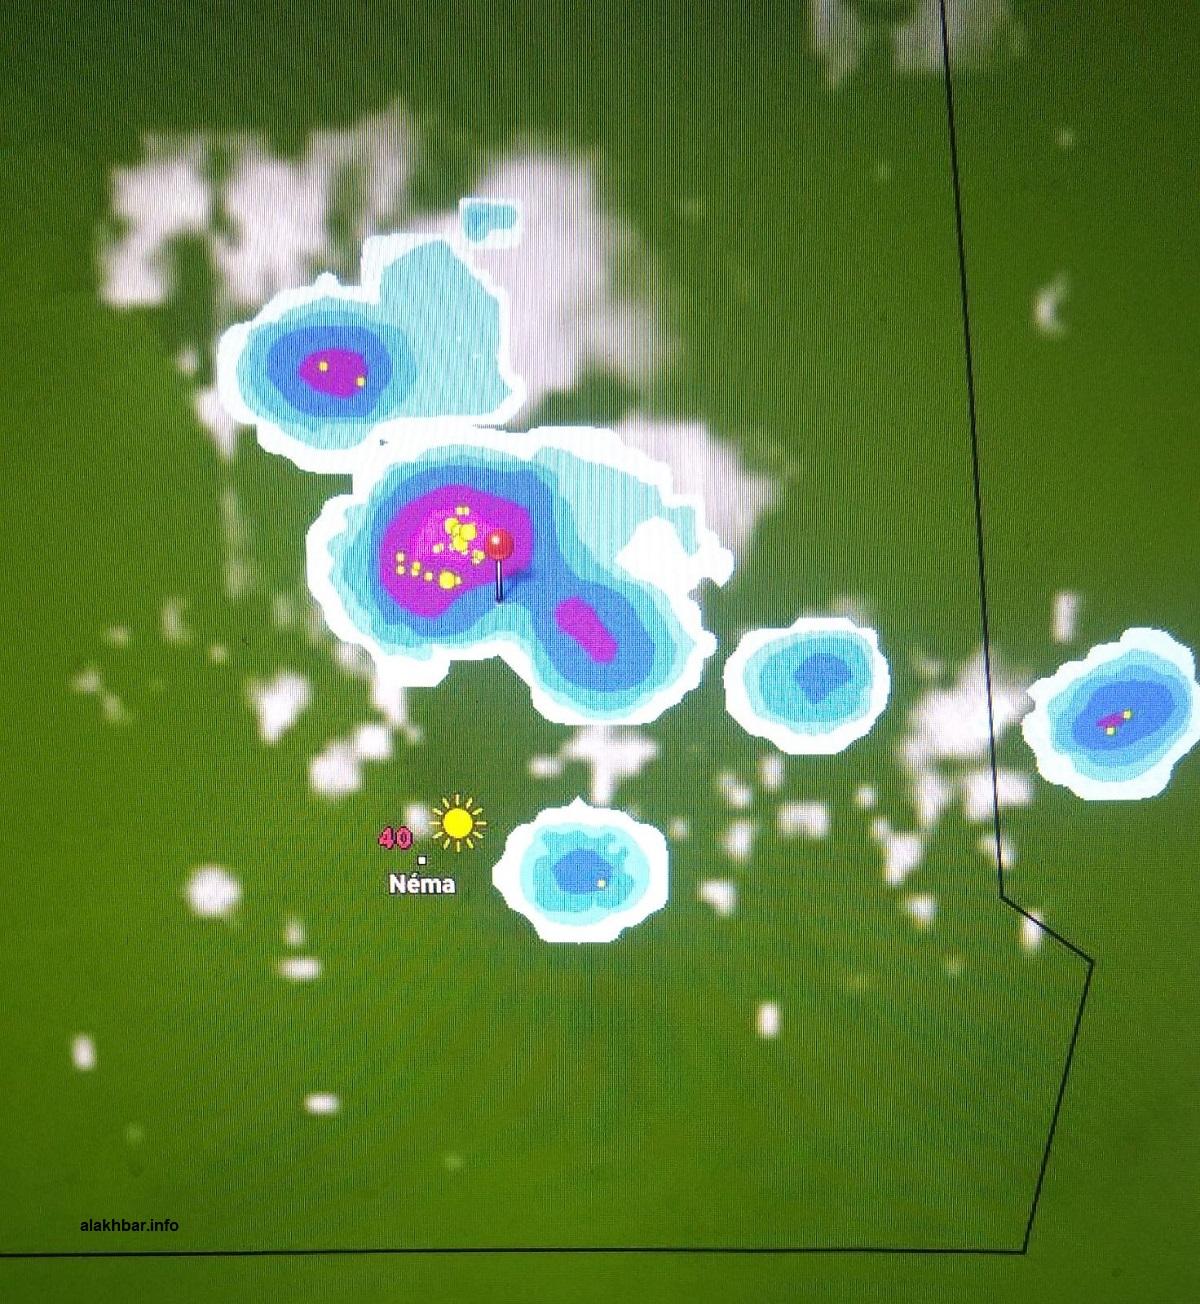 خارطة انتشار السحب مساء اليوم في المناطق الشرقية من البلاد عند الساعة الخامسة، الإشارة عند مدينة ولاتة